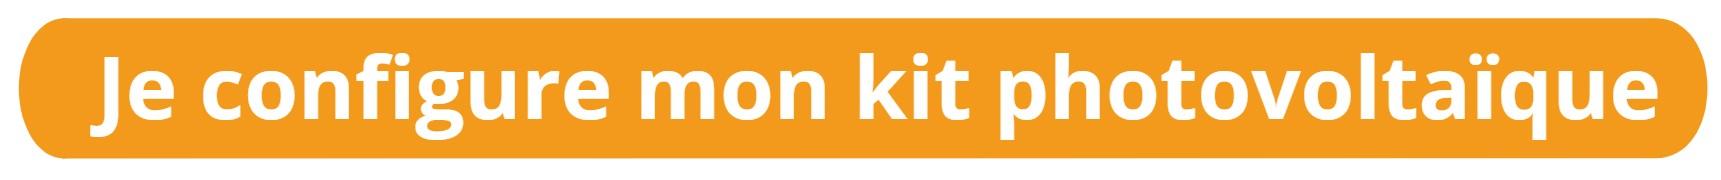 je-configure-mon-kit-photovoltaique